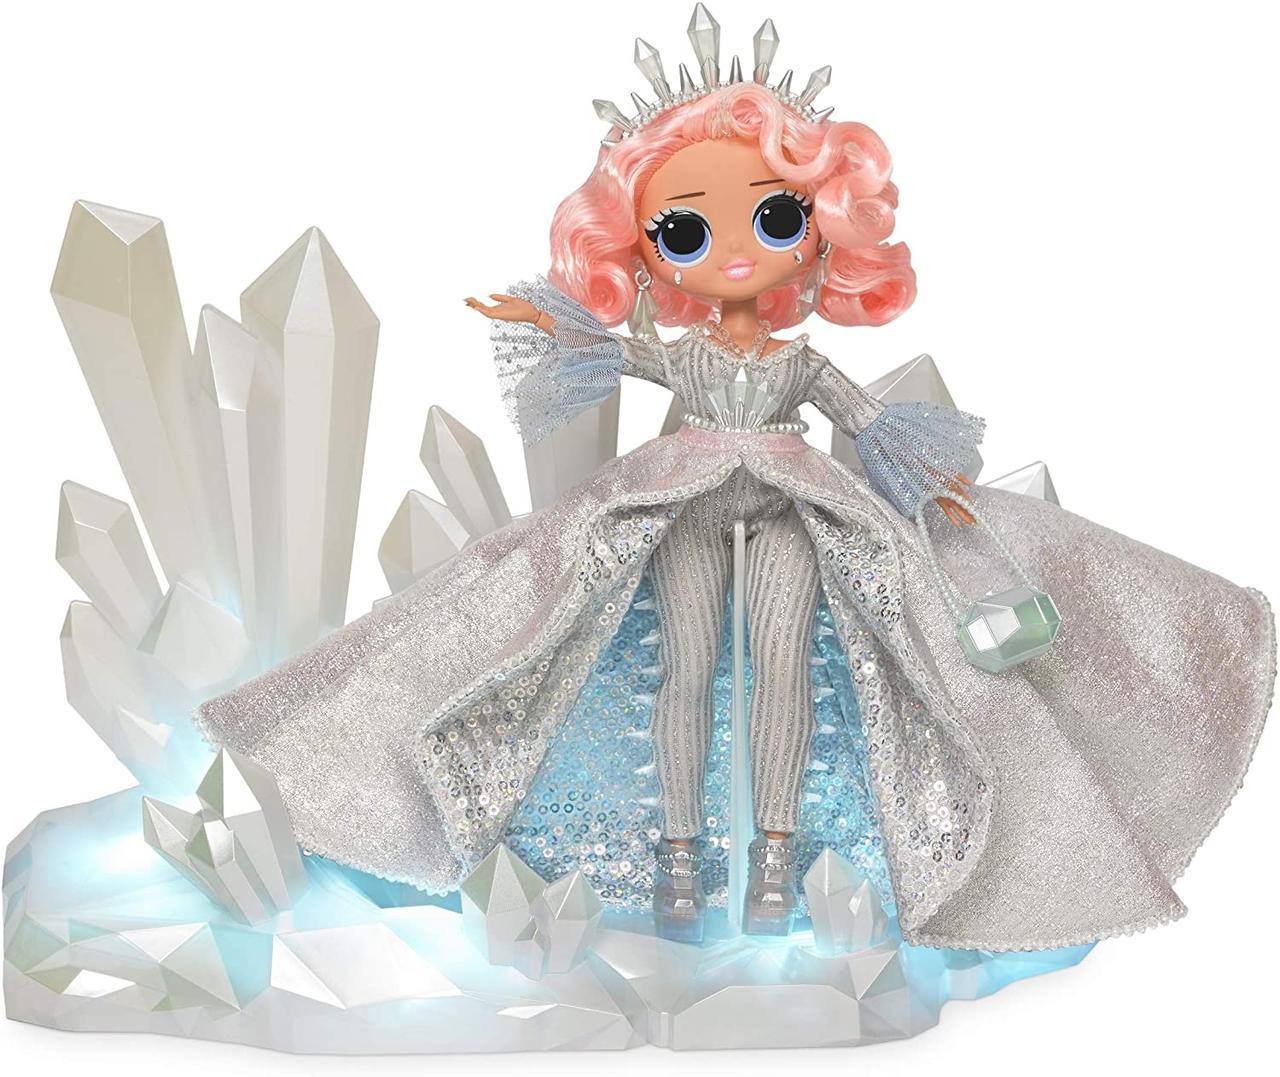 LOL Сюрприз! OMG Crystal Star 2019 Коллекционное издание Модная кукла